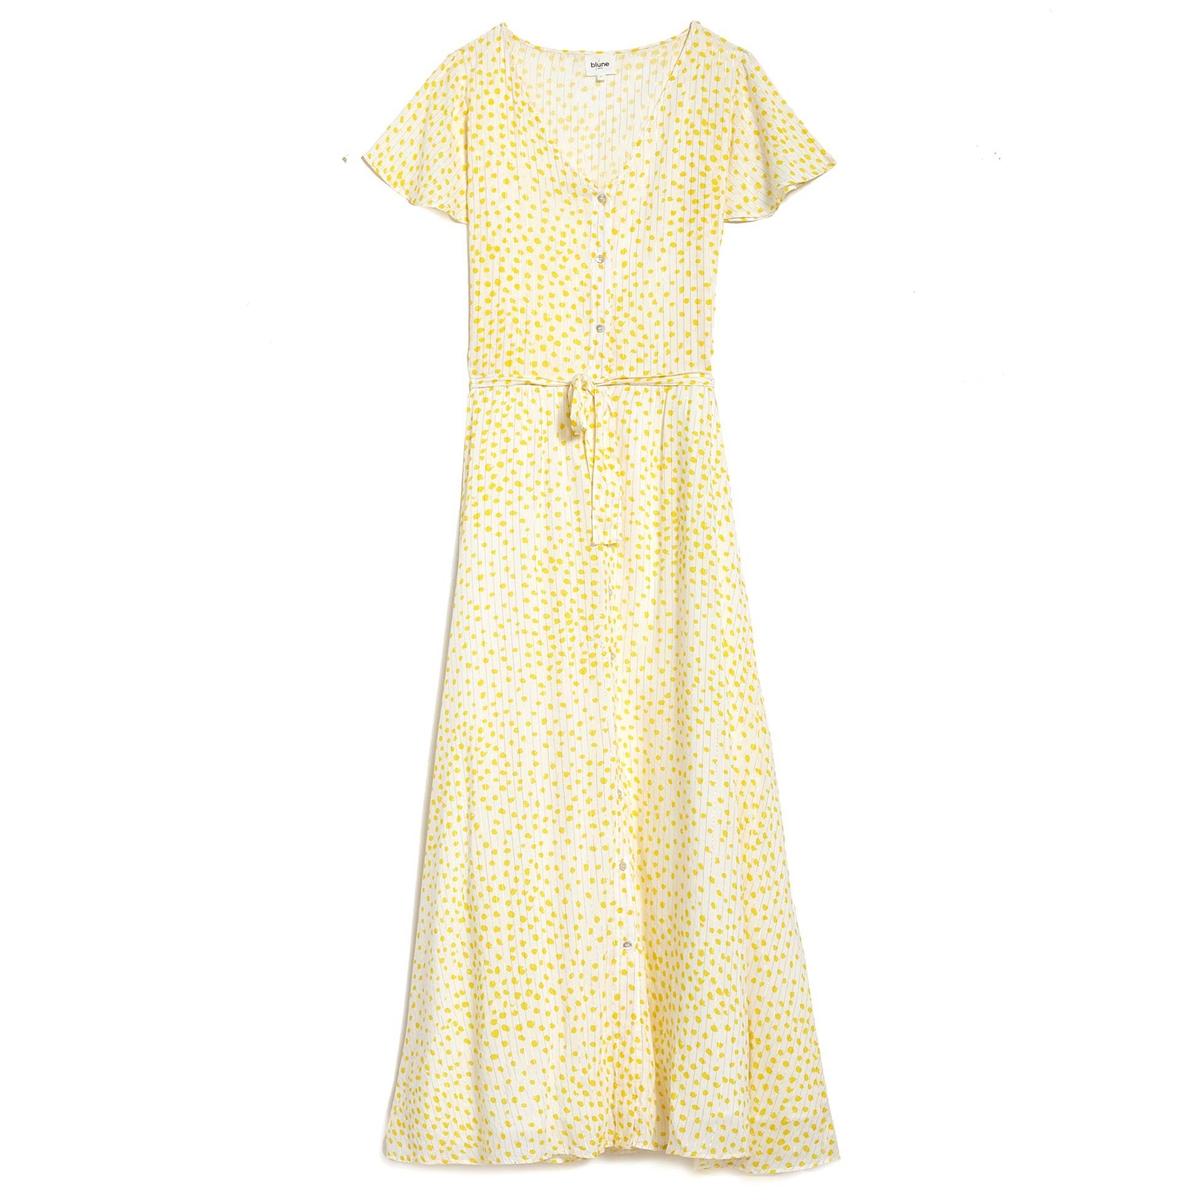 Платье на пуговицах с короткими рукавами SUNLIGHTОписание:Платье длинное с короткими рукавами BLUNE - модель SUNLIGHT. Пуговицы и завязки на поясе по всему расклешенному покрою.Детали •  Форма : расклешенная •  Длина ниже колен •  Короткие рукава    •   V-образный вырез •  Рисунок в горошекСостав и уход •  99% вискозы, 1% металлизированных волокон •  Следуйте советам по уходу, указанным на этикетке<br><br>Цвет: желтый